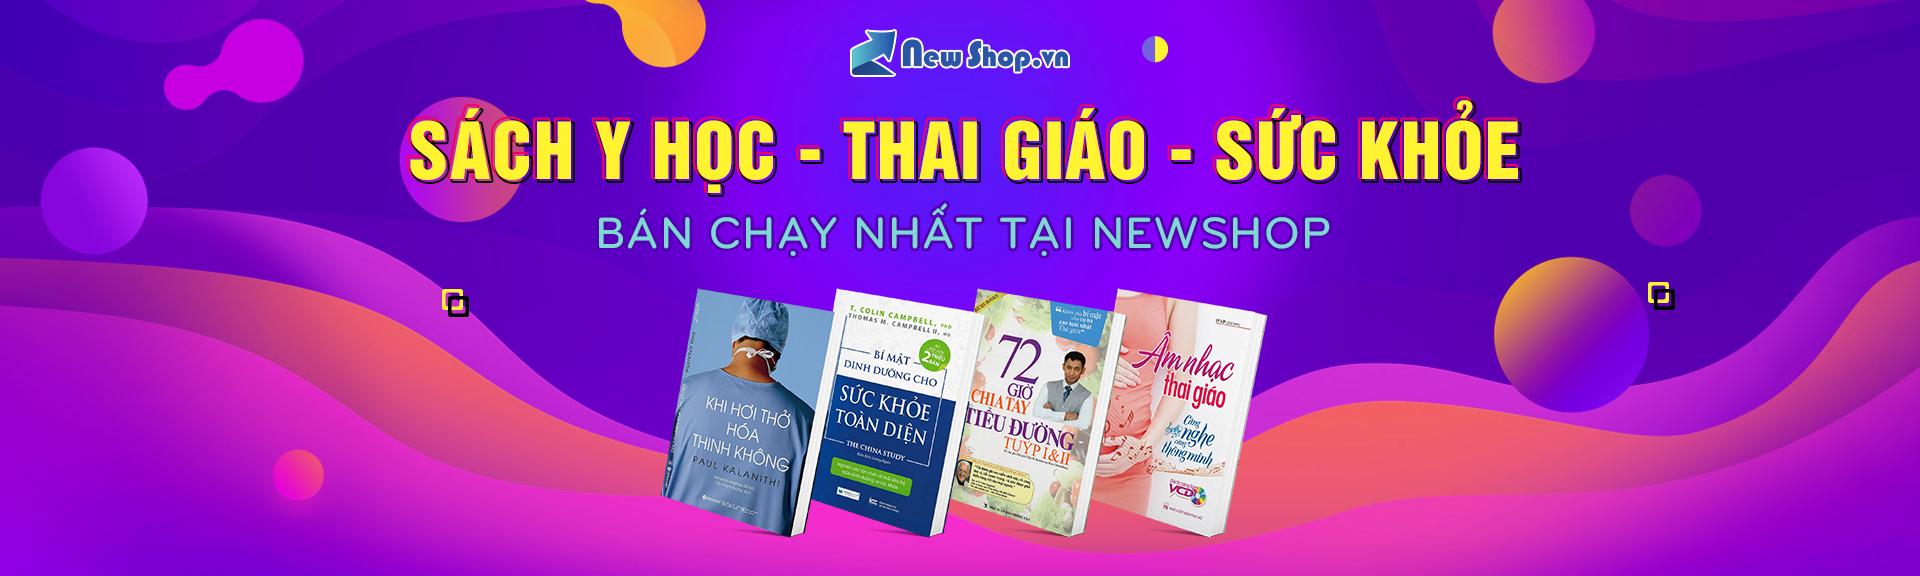 Sách Y Học - Thai Giao -  Sức Khỏe Dánh Cho Bạn